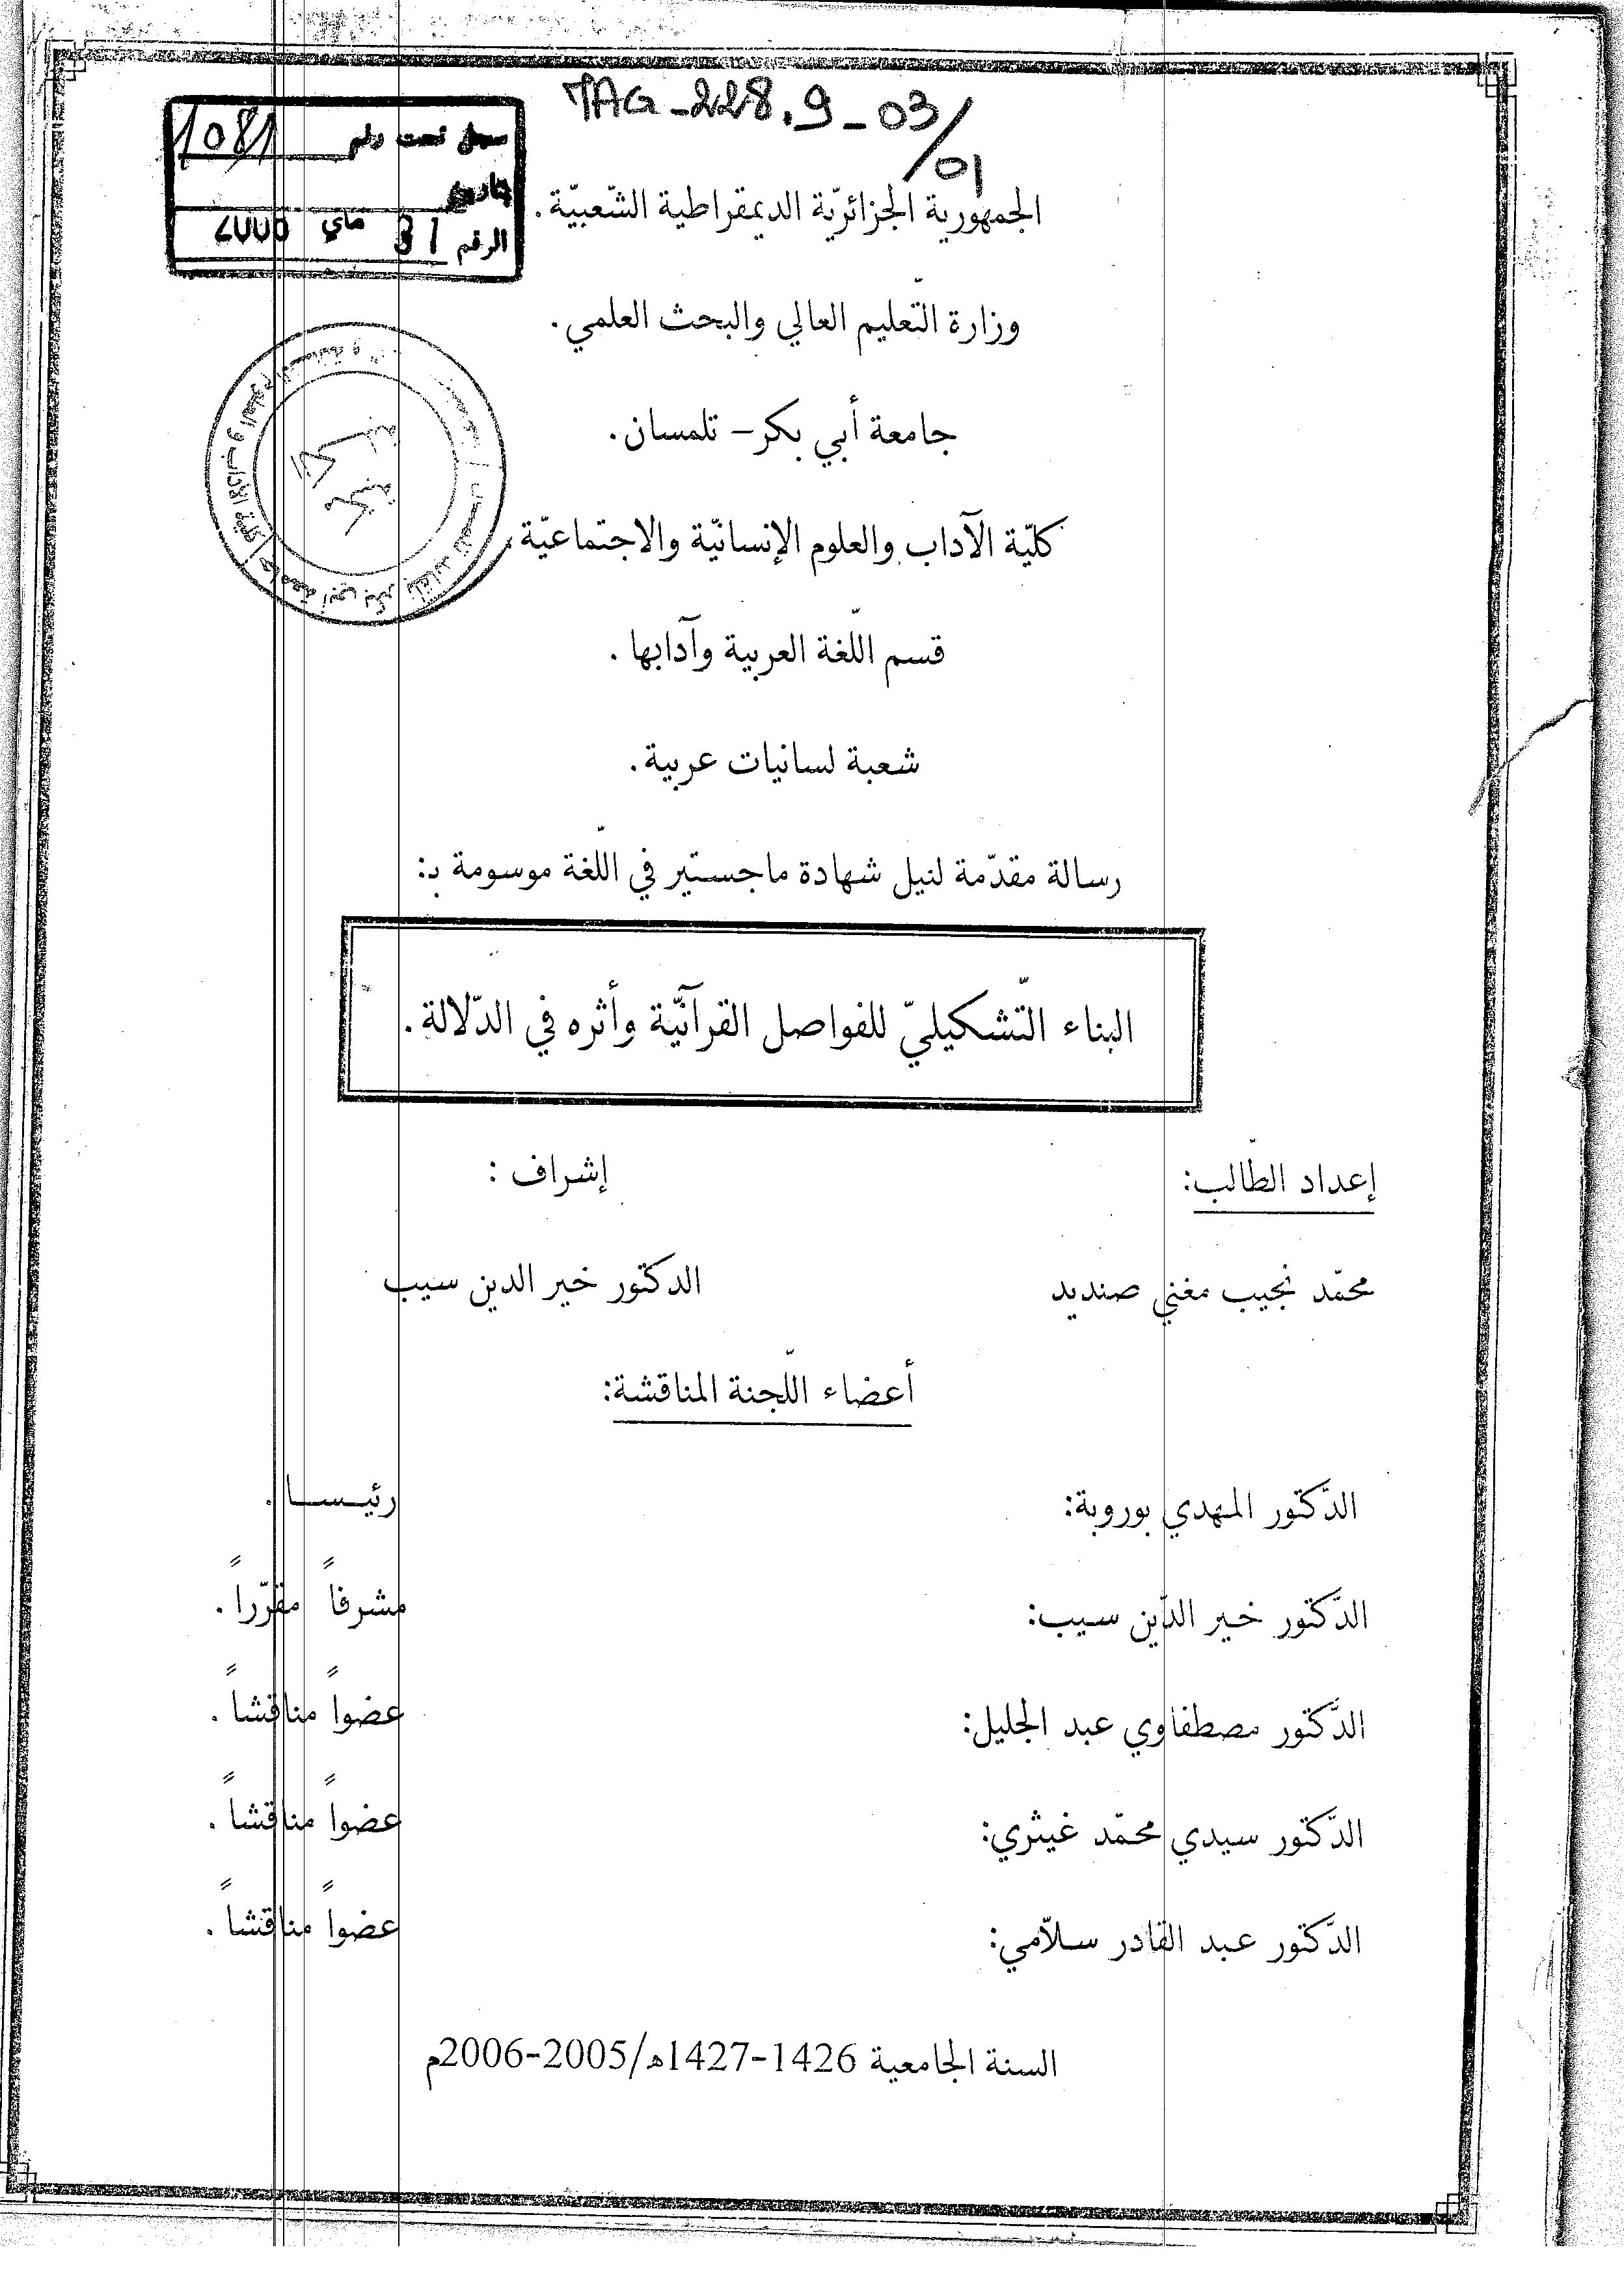 تحميل كتاب البناء التشكيلي للفواصل القرآنية وأثره في الدلالة لـِ: الدكتور محمد نجيب مغني صنديد